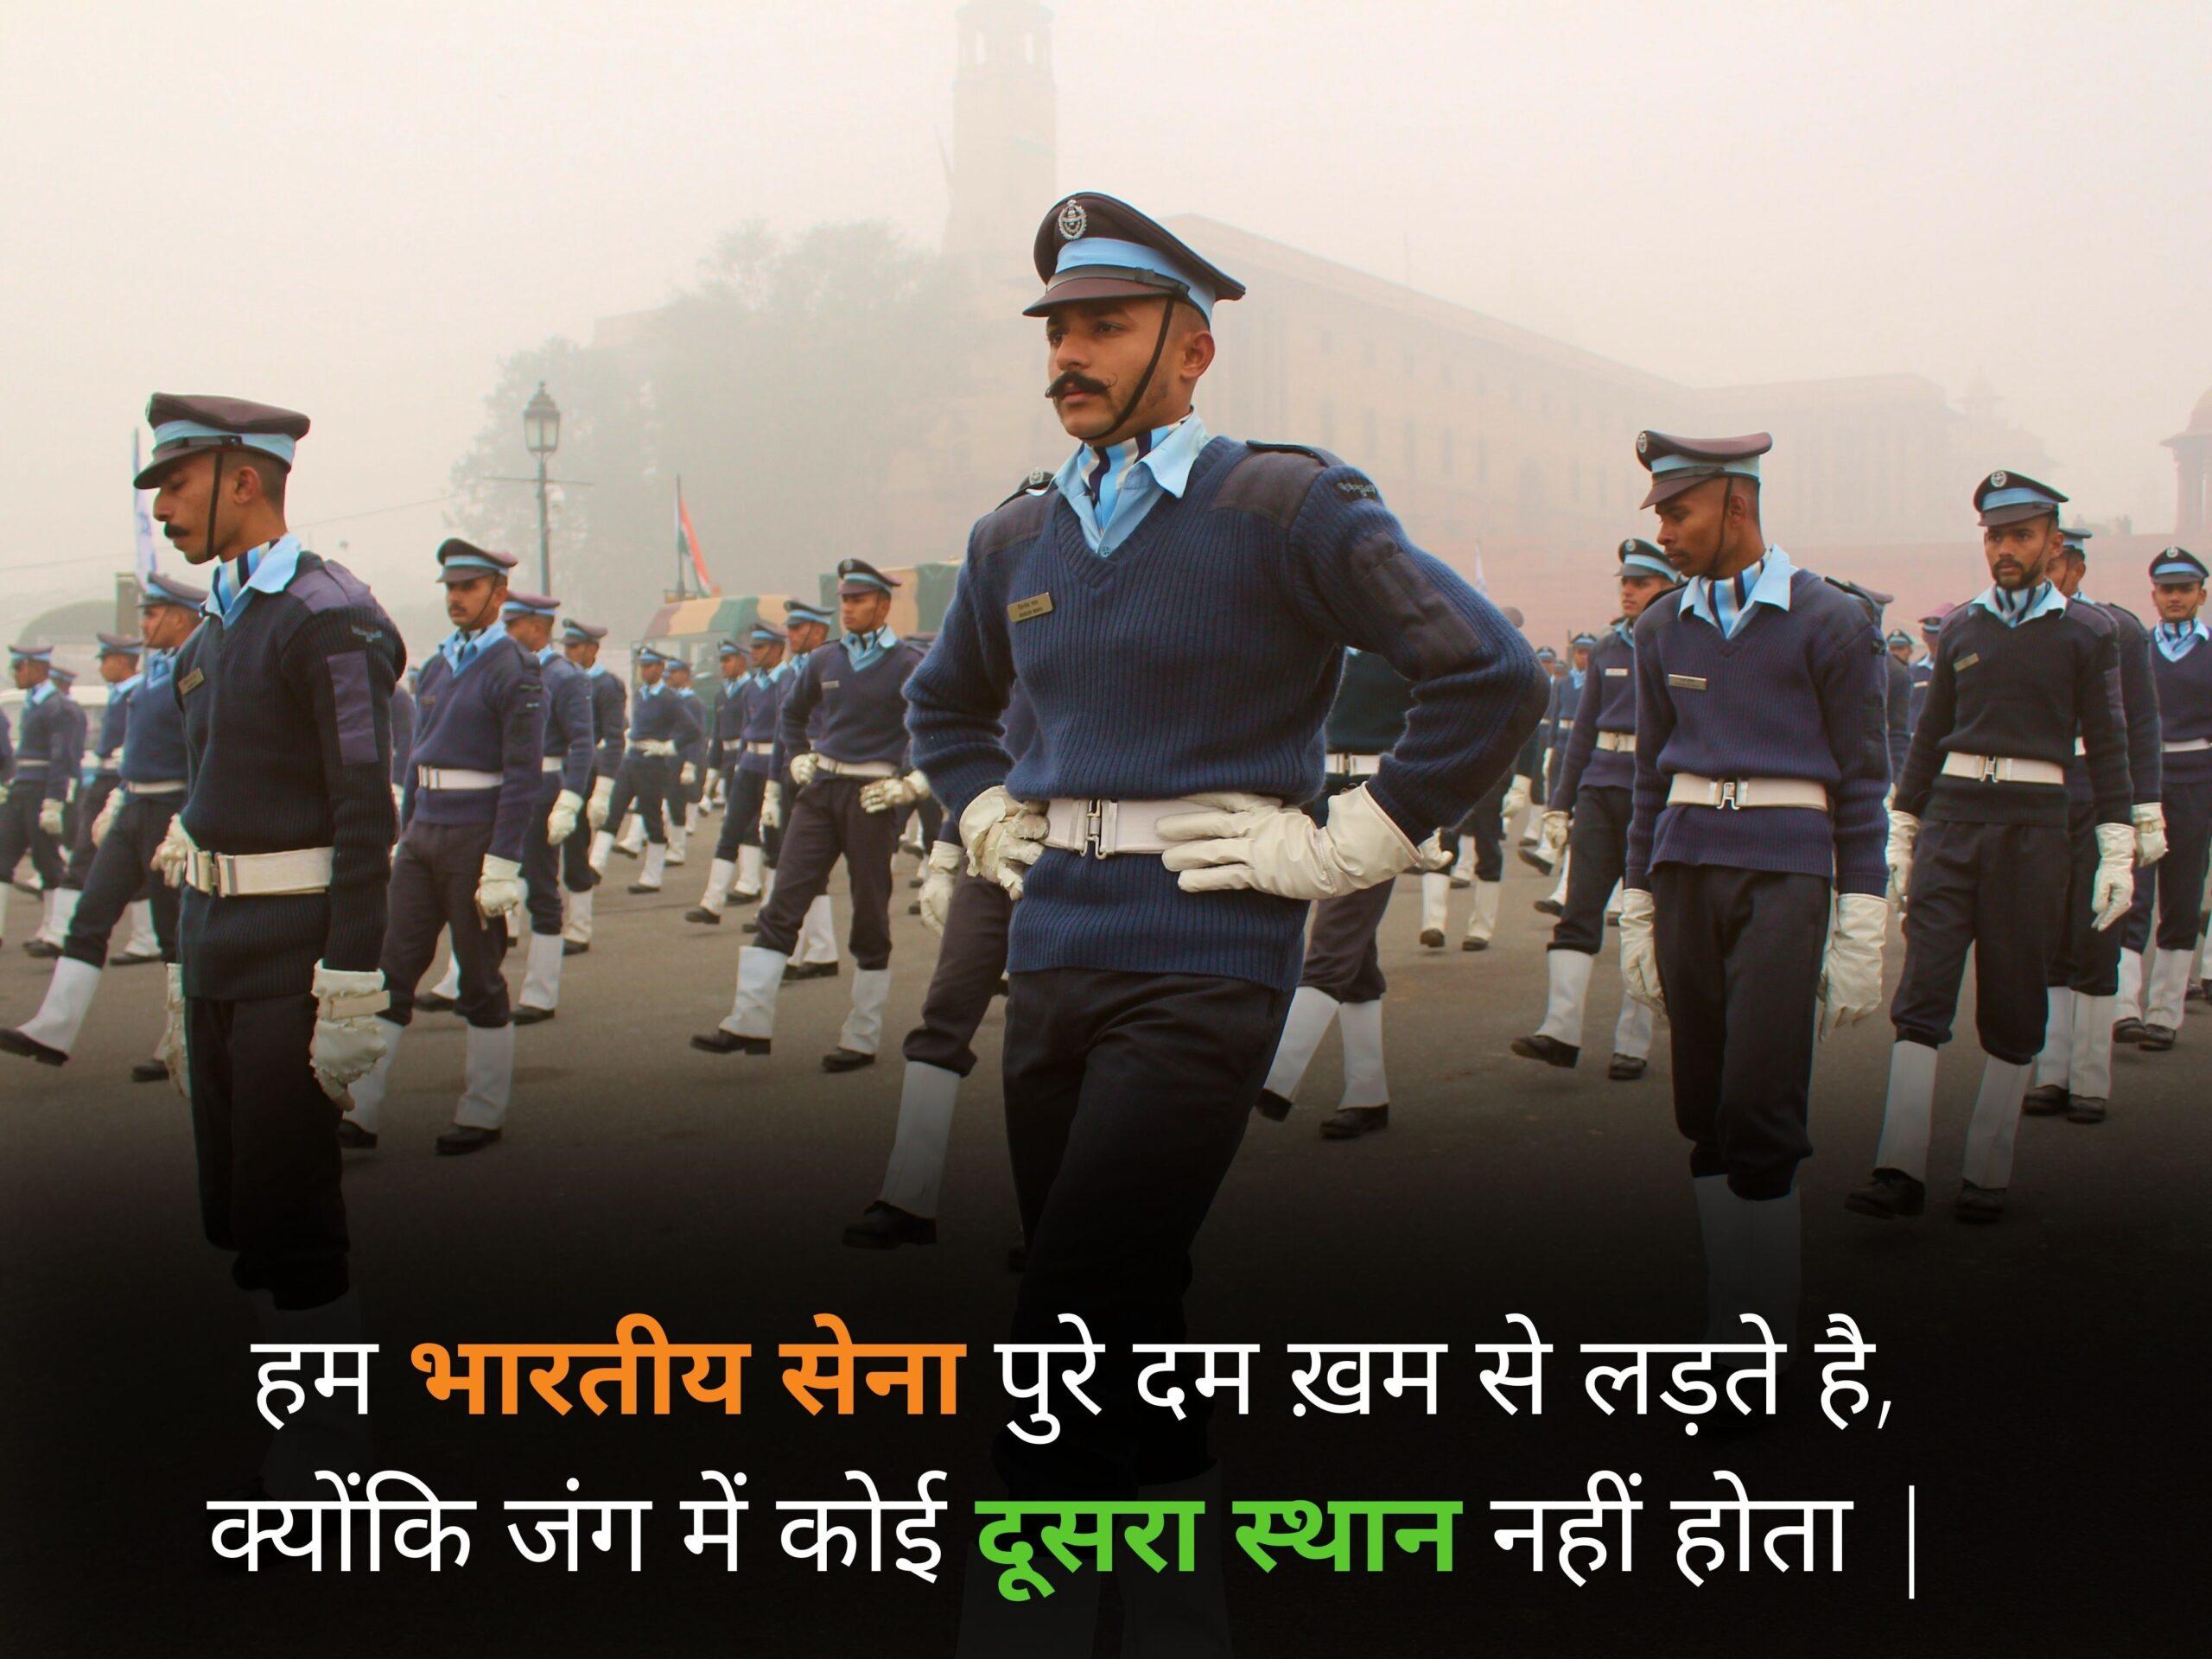 army lover | हम भारतीय सेना पुरे दम ख़म से लड़ते है, क्योंकि जंग में कोई दूसरा स्थान नहीं होता |